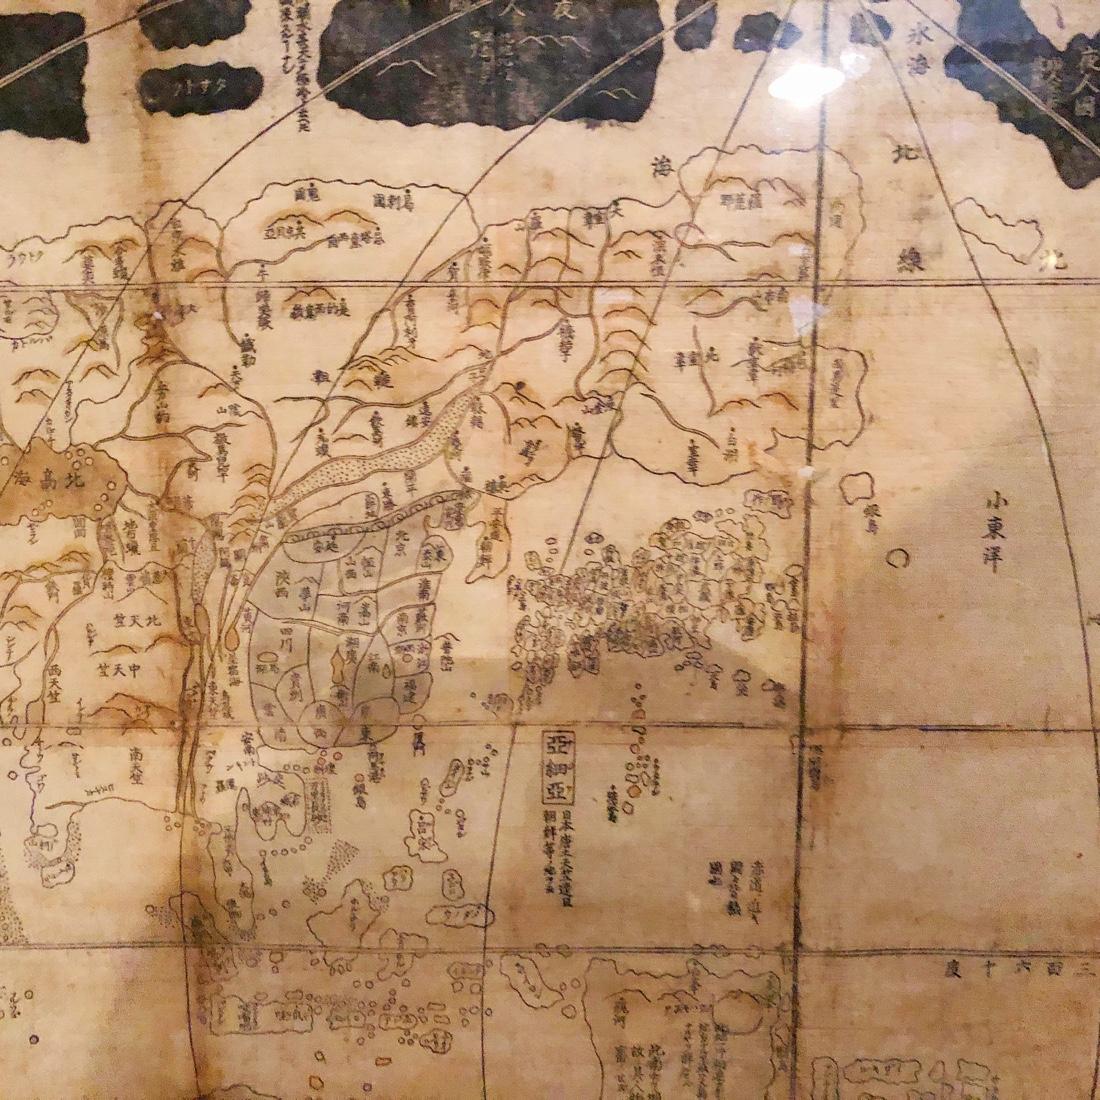 高山民族考古博物館の世界地図